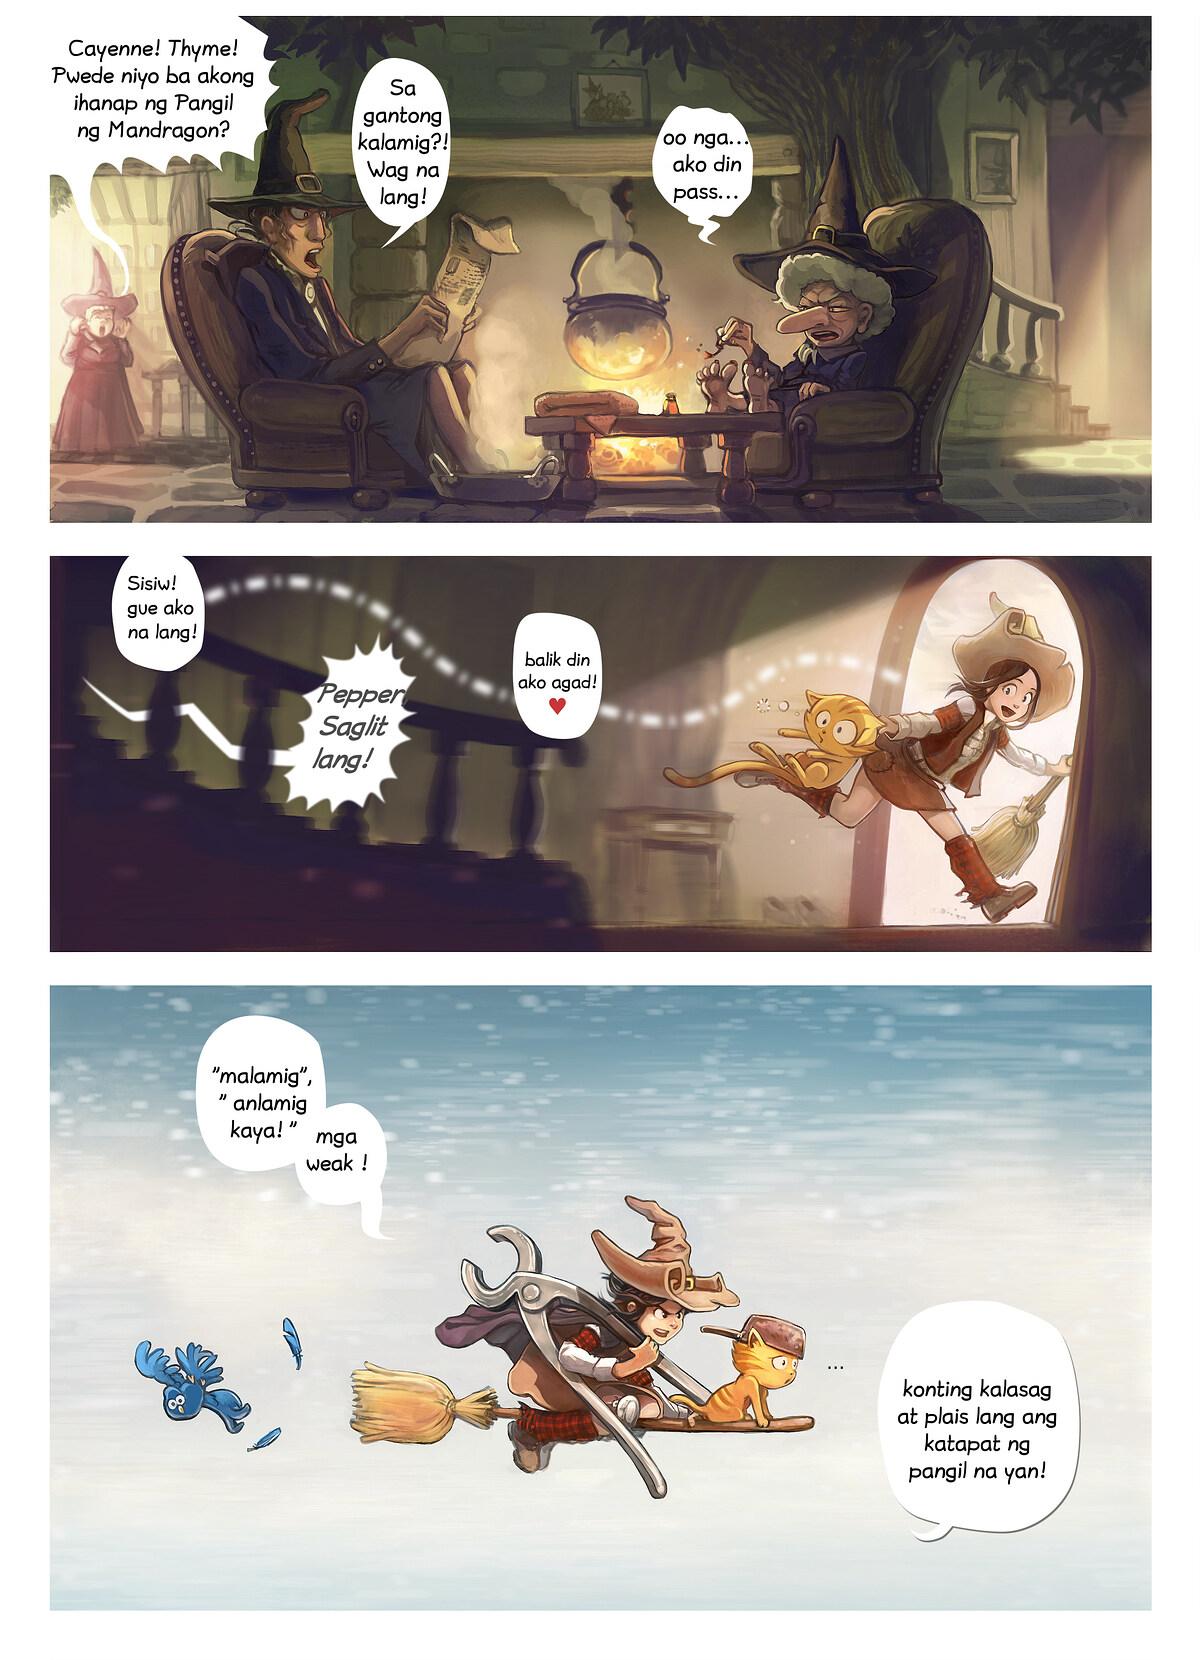 Episode 14: Pangil ng Mandragon, Page 2